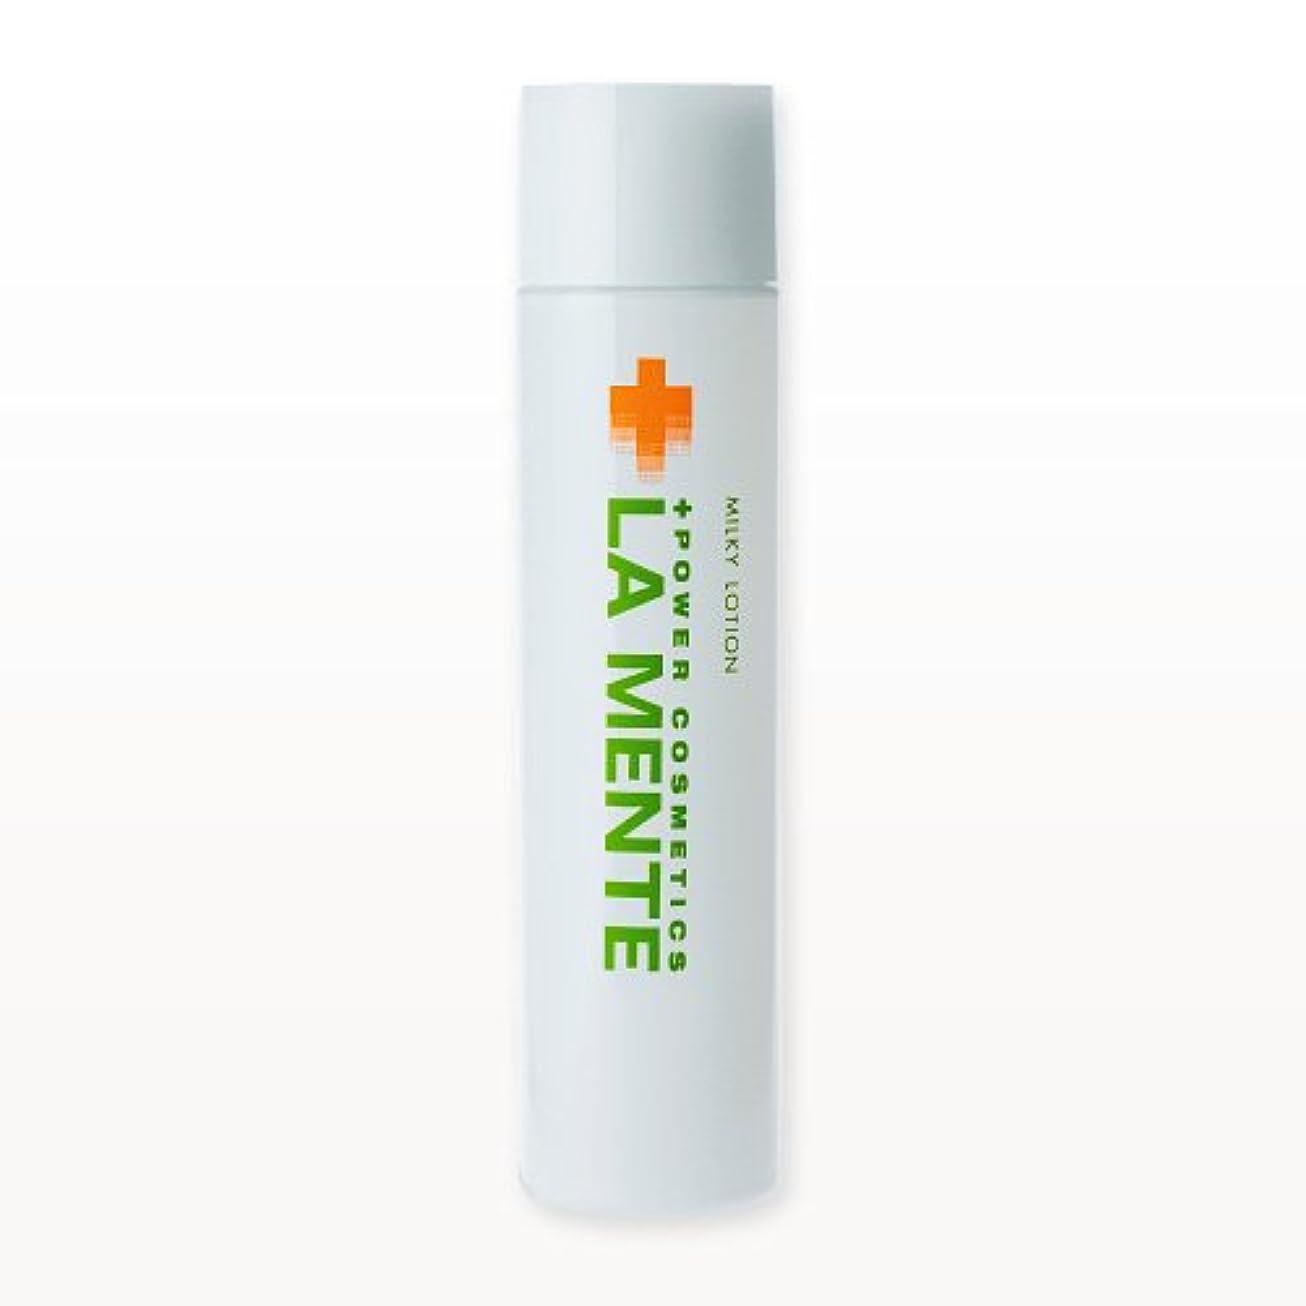 養う何伝えるラメンテ(LA MENTE) 薬用 ミルキィローション 150mL 美白&保湿ローション